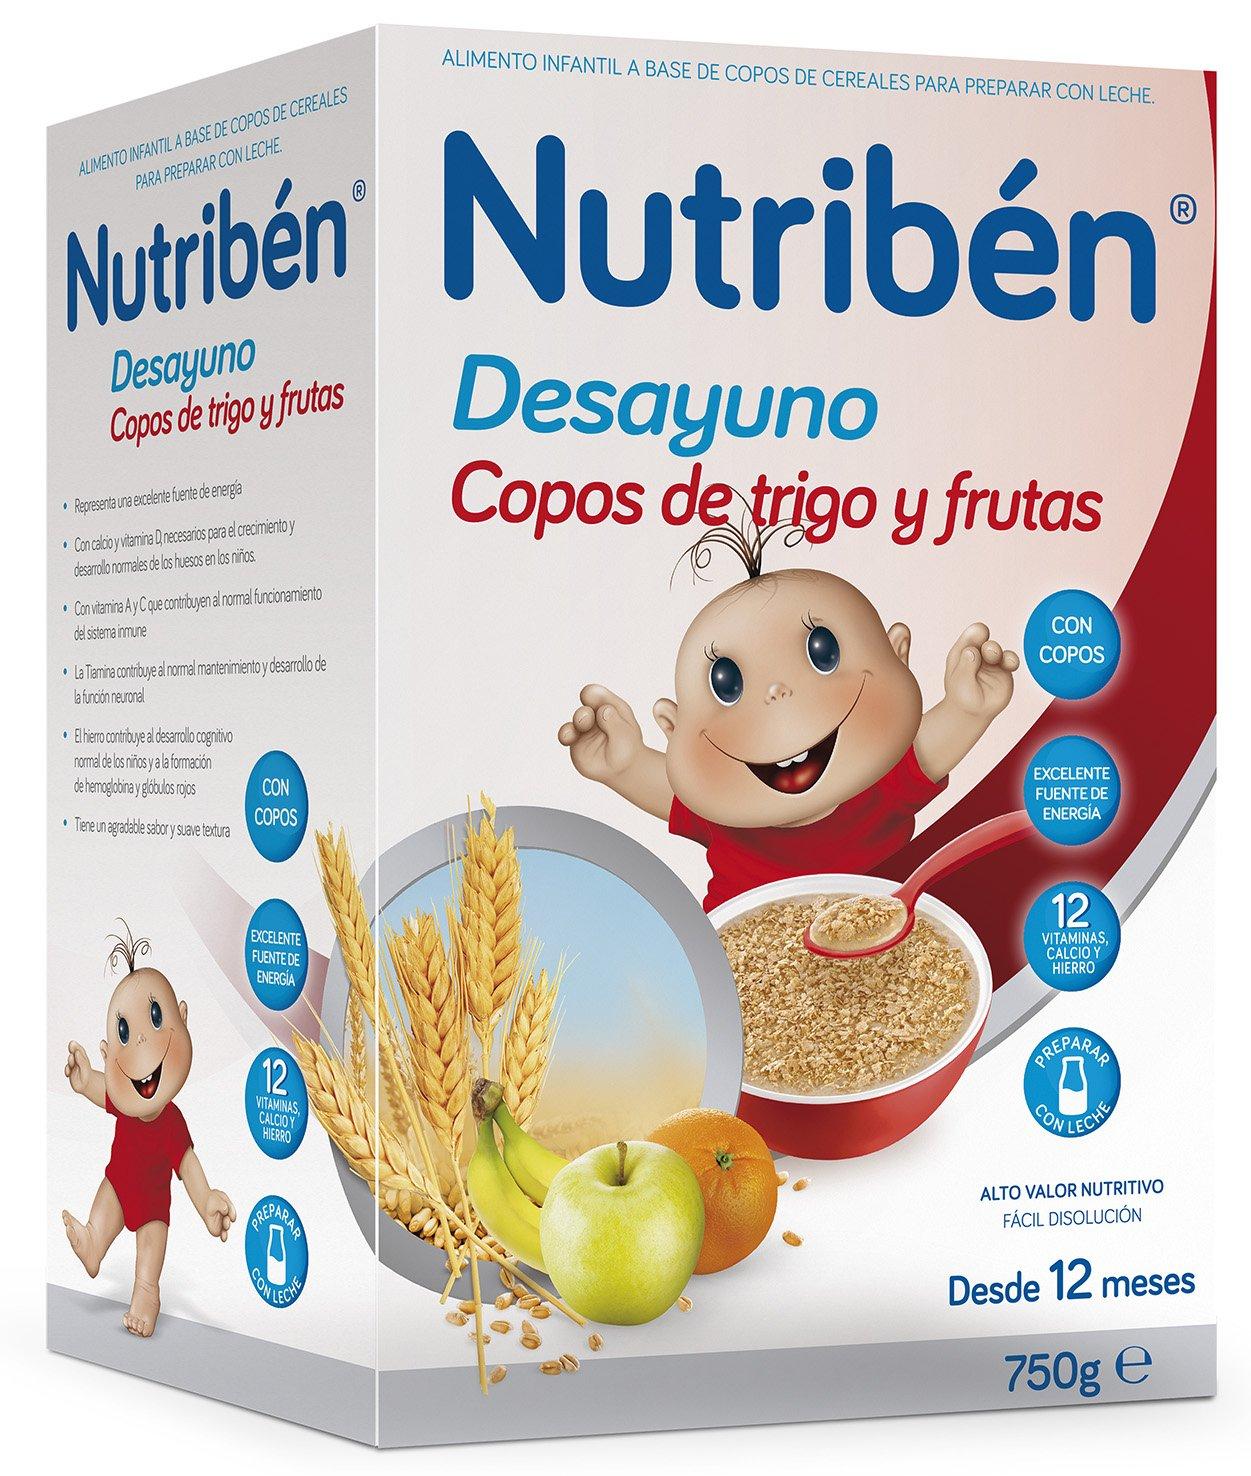 Nutribén Papilla Desayuno Copos Trigo y Frutas - Paquete de 6 x 750 gr - Total: 4500 gr: Amazon.es: Alimentación y bebidas